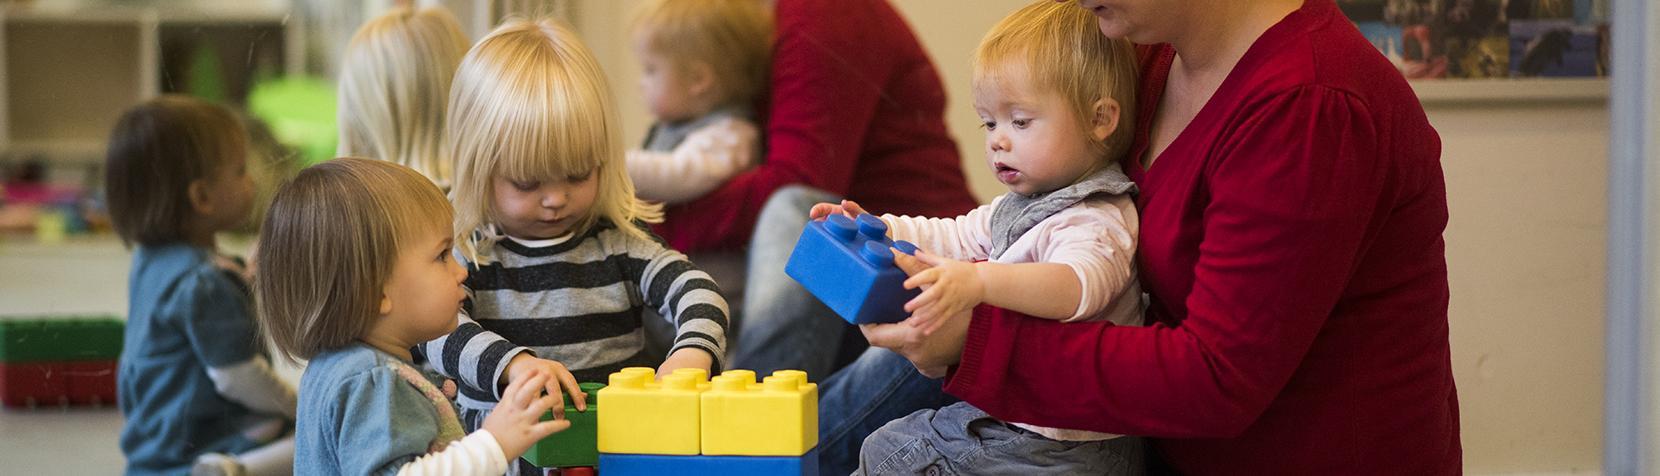 Børn leger med klodser